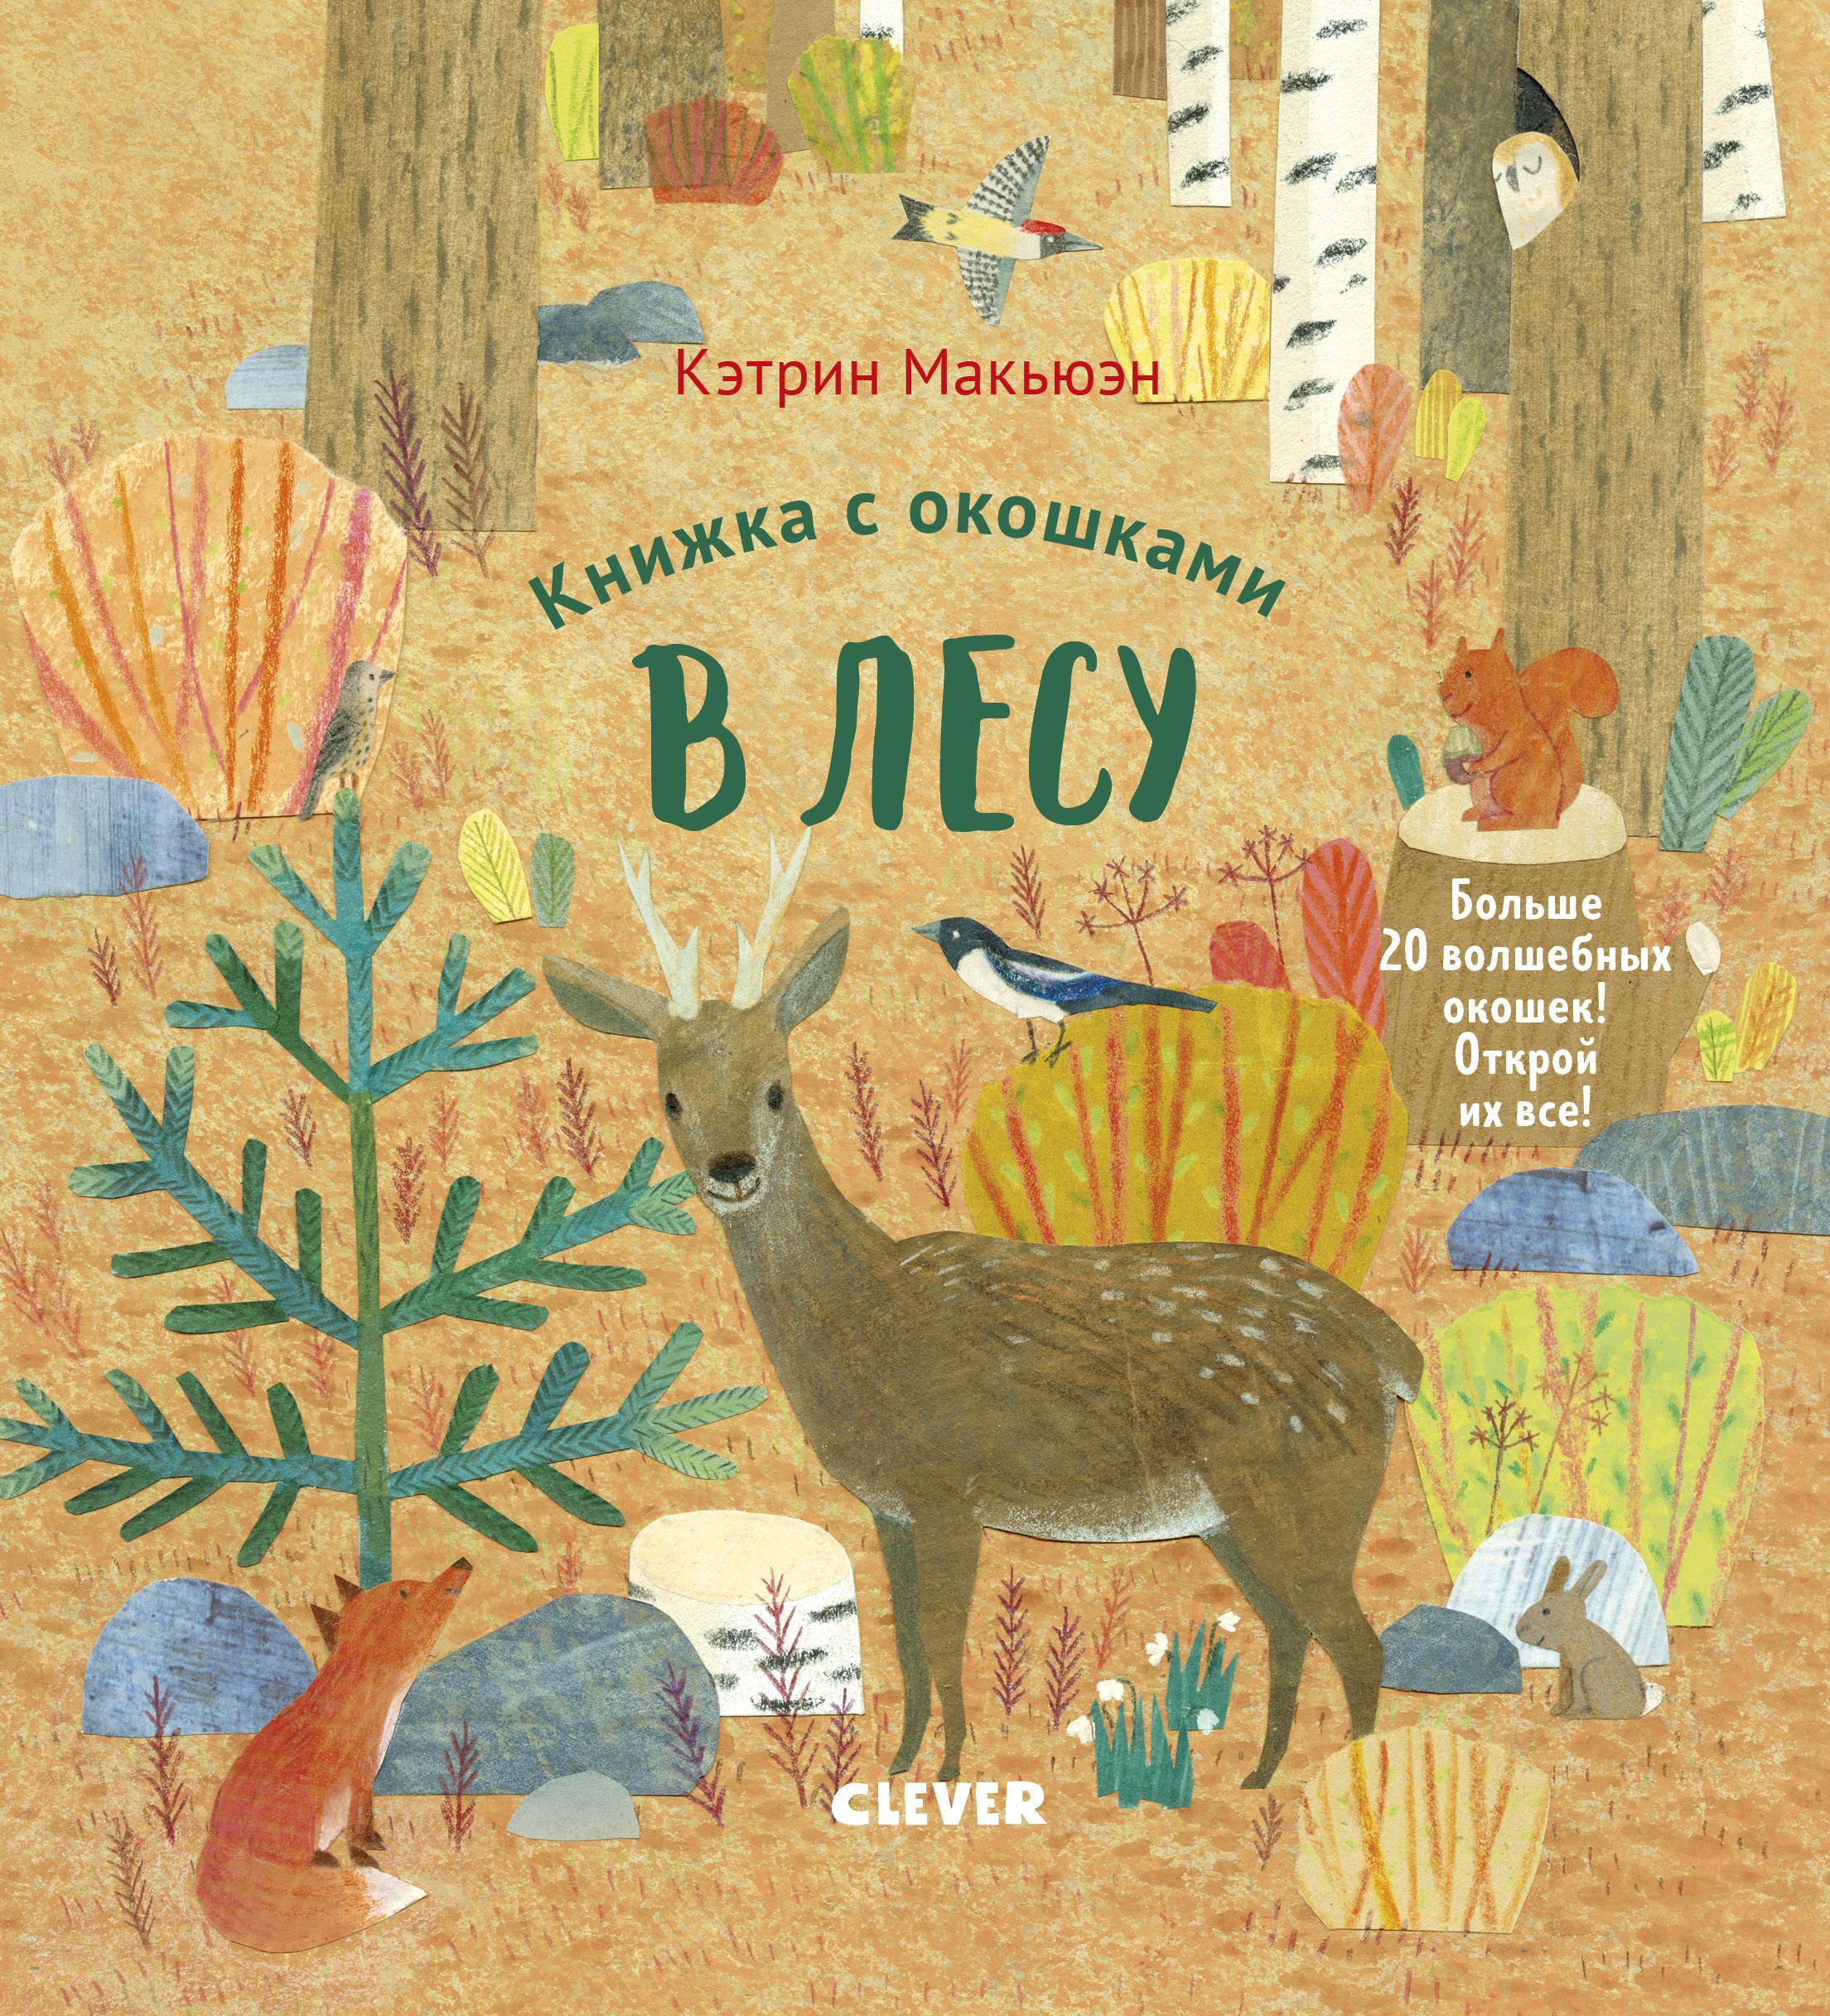 Макьюэн К. Книжка с окошками. В лесу